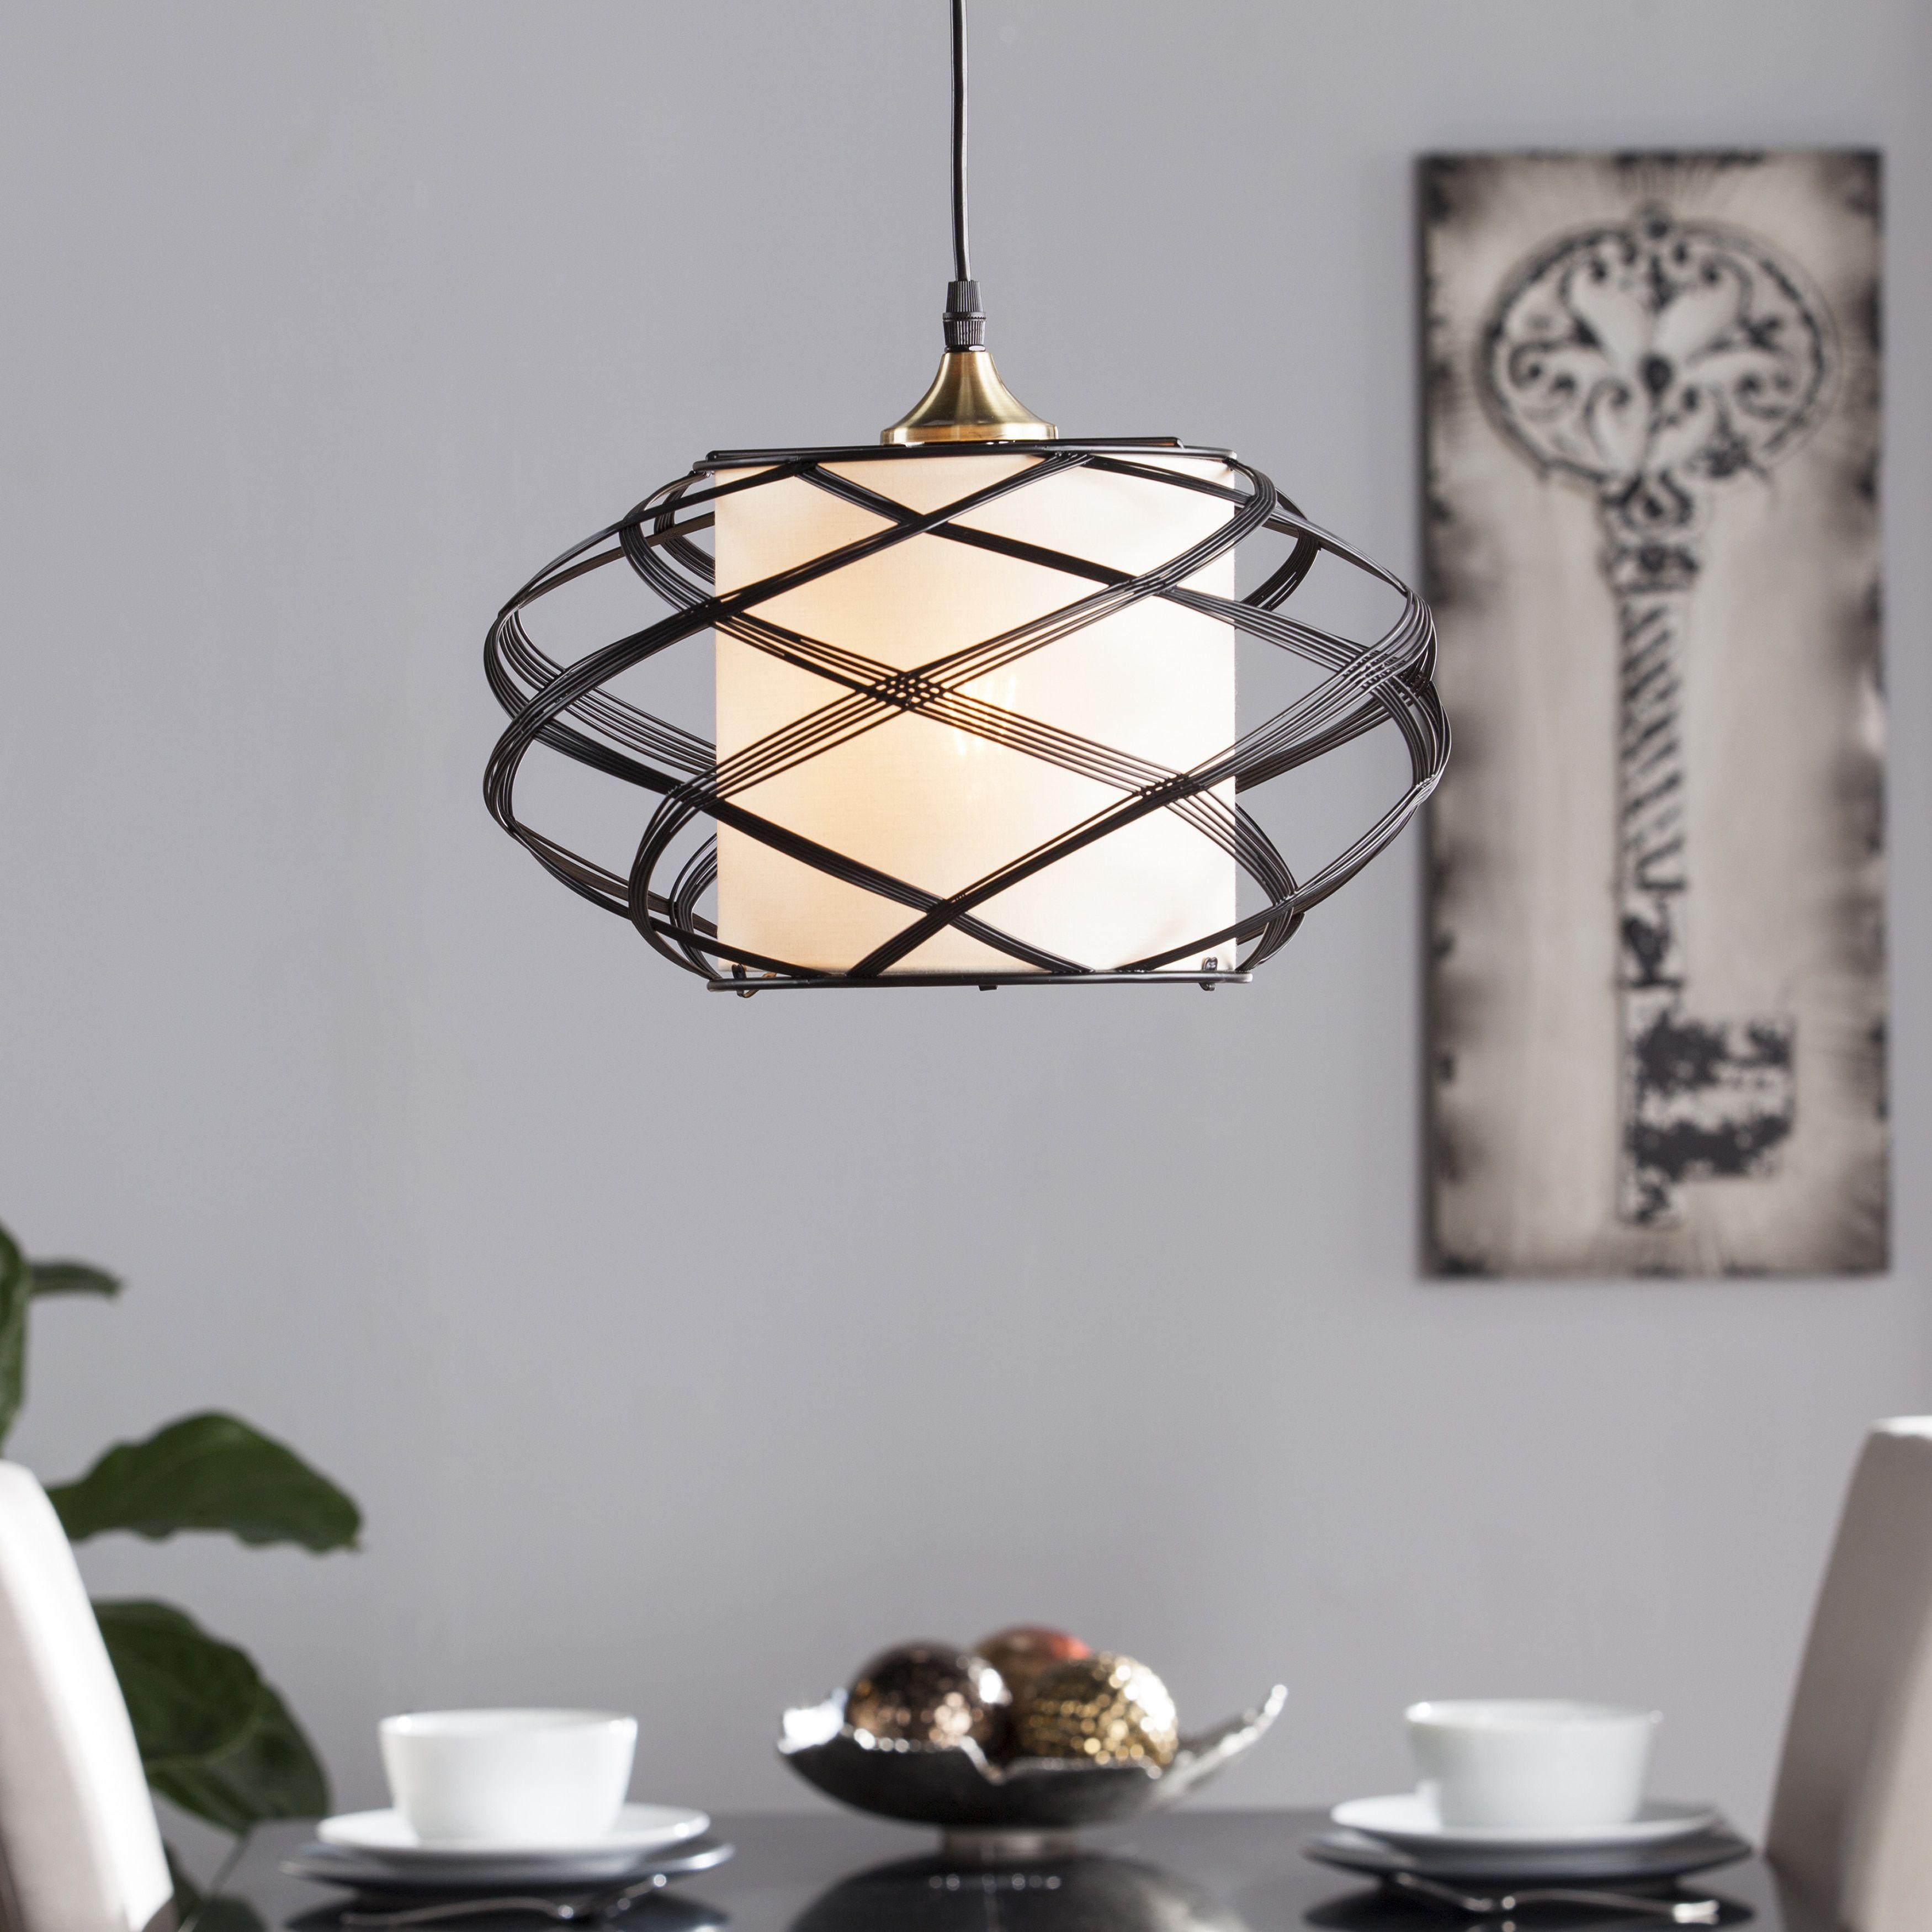 wire cage pendant light. Harper Blvd Avento Wire Cage Pendant Lamp (OS3181TL), Black (Steel) Light